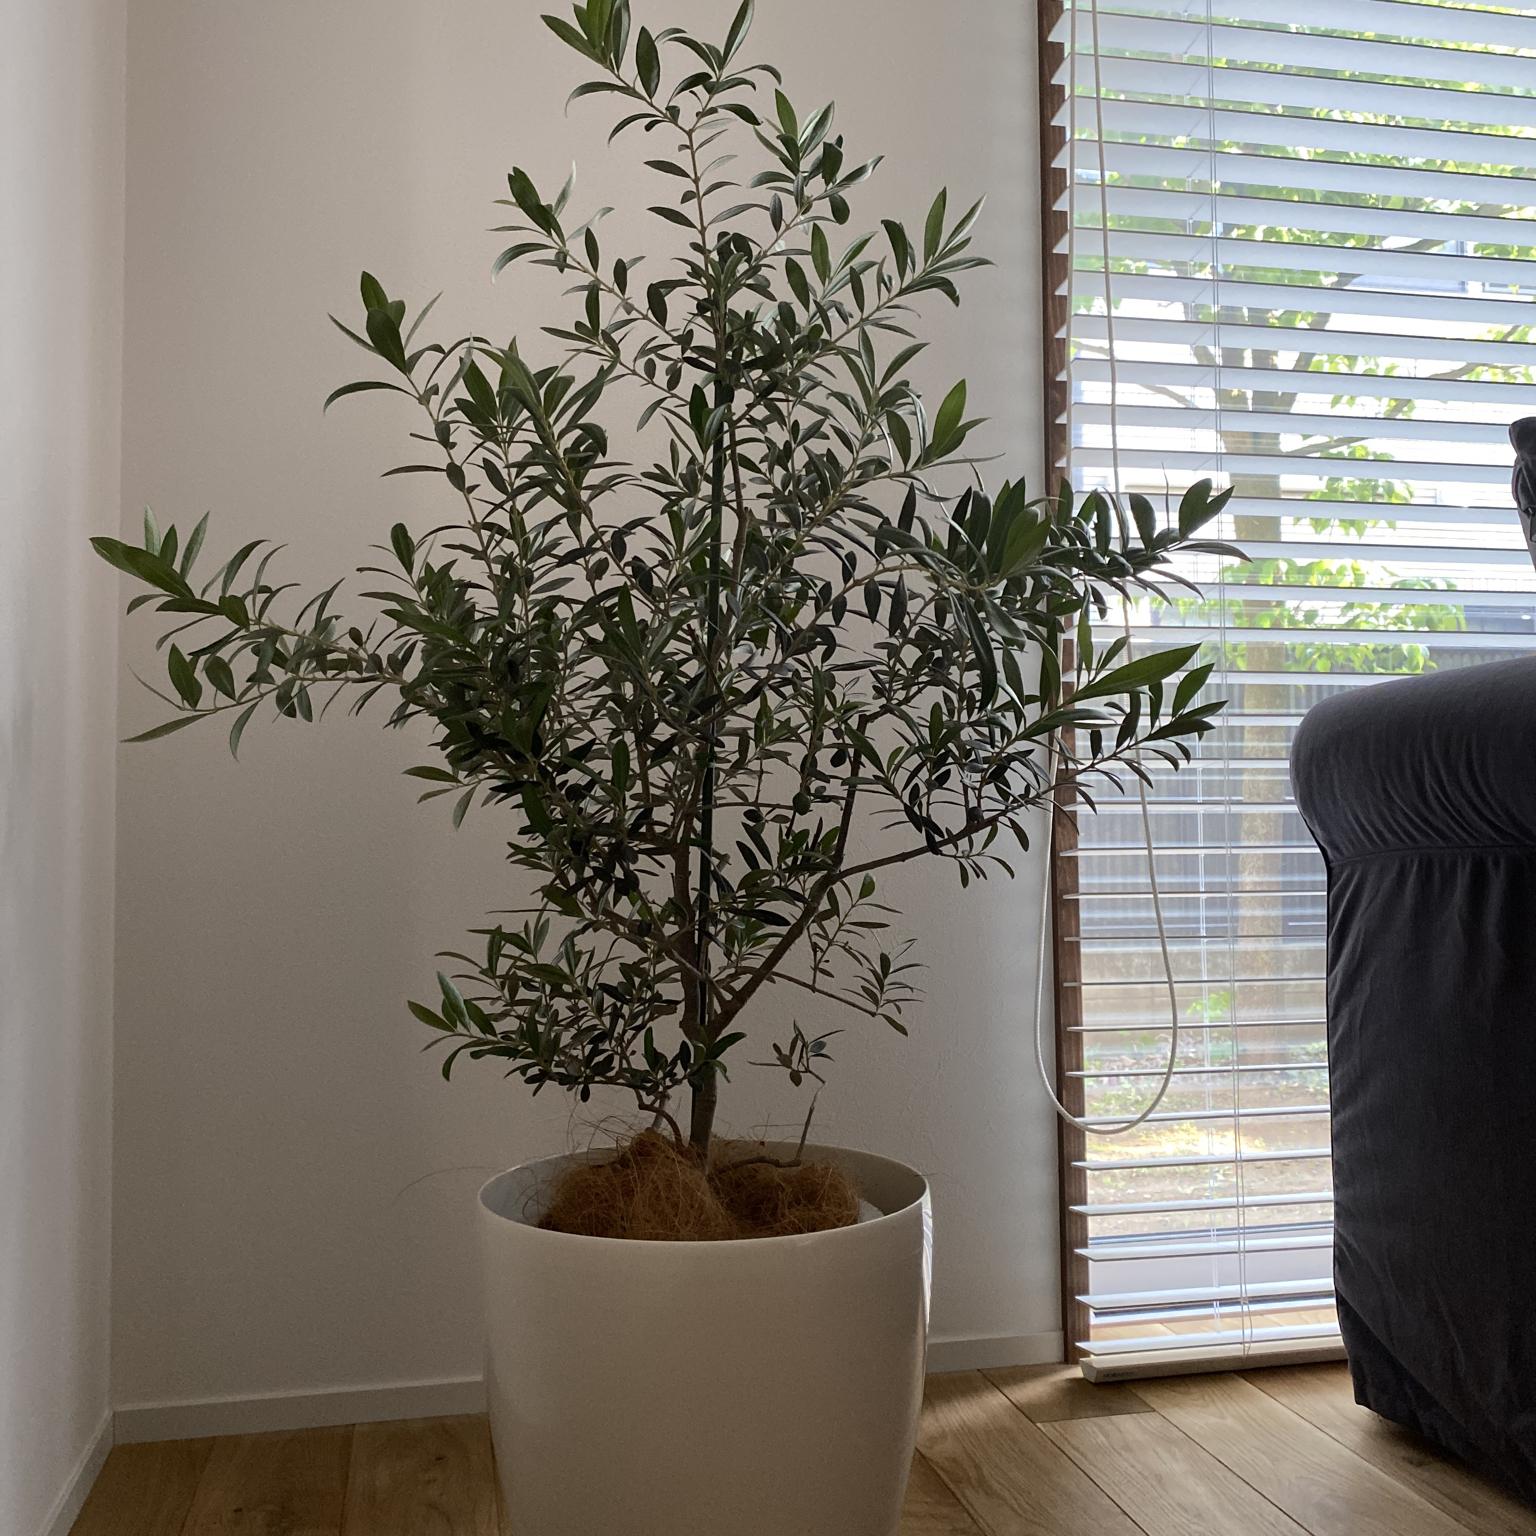 シンボルツリー/観葉植物/リビングのインテリア実例 - 2021-05-10 16:22:32